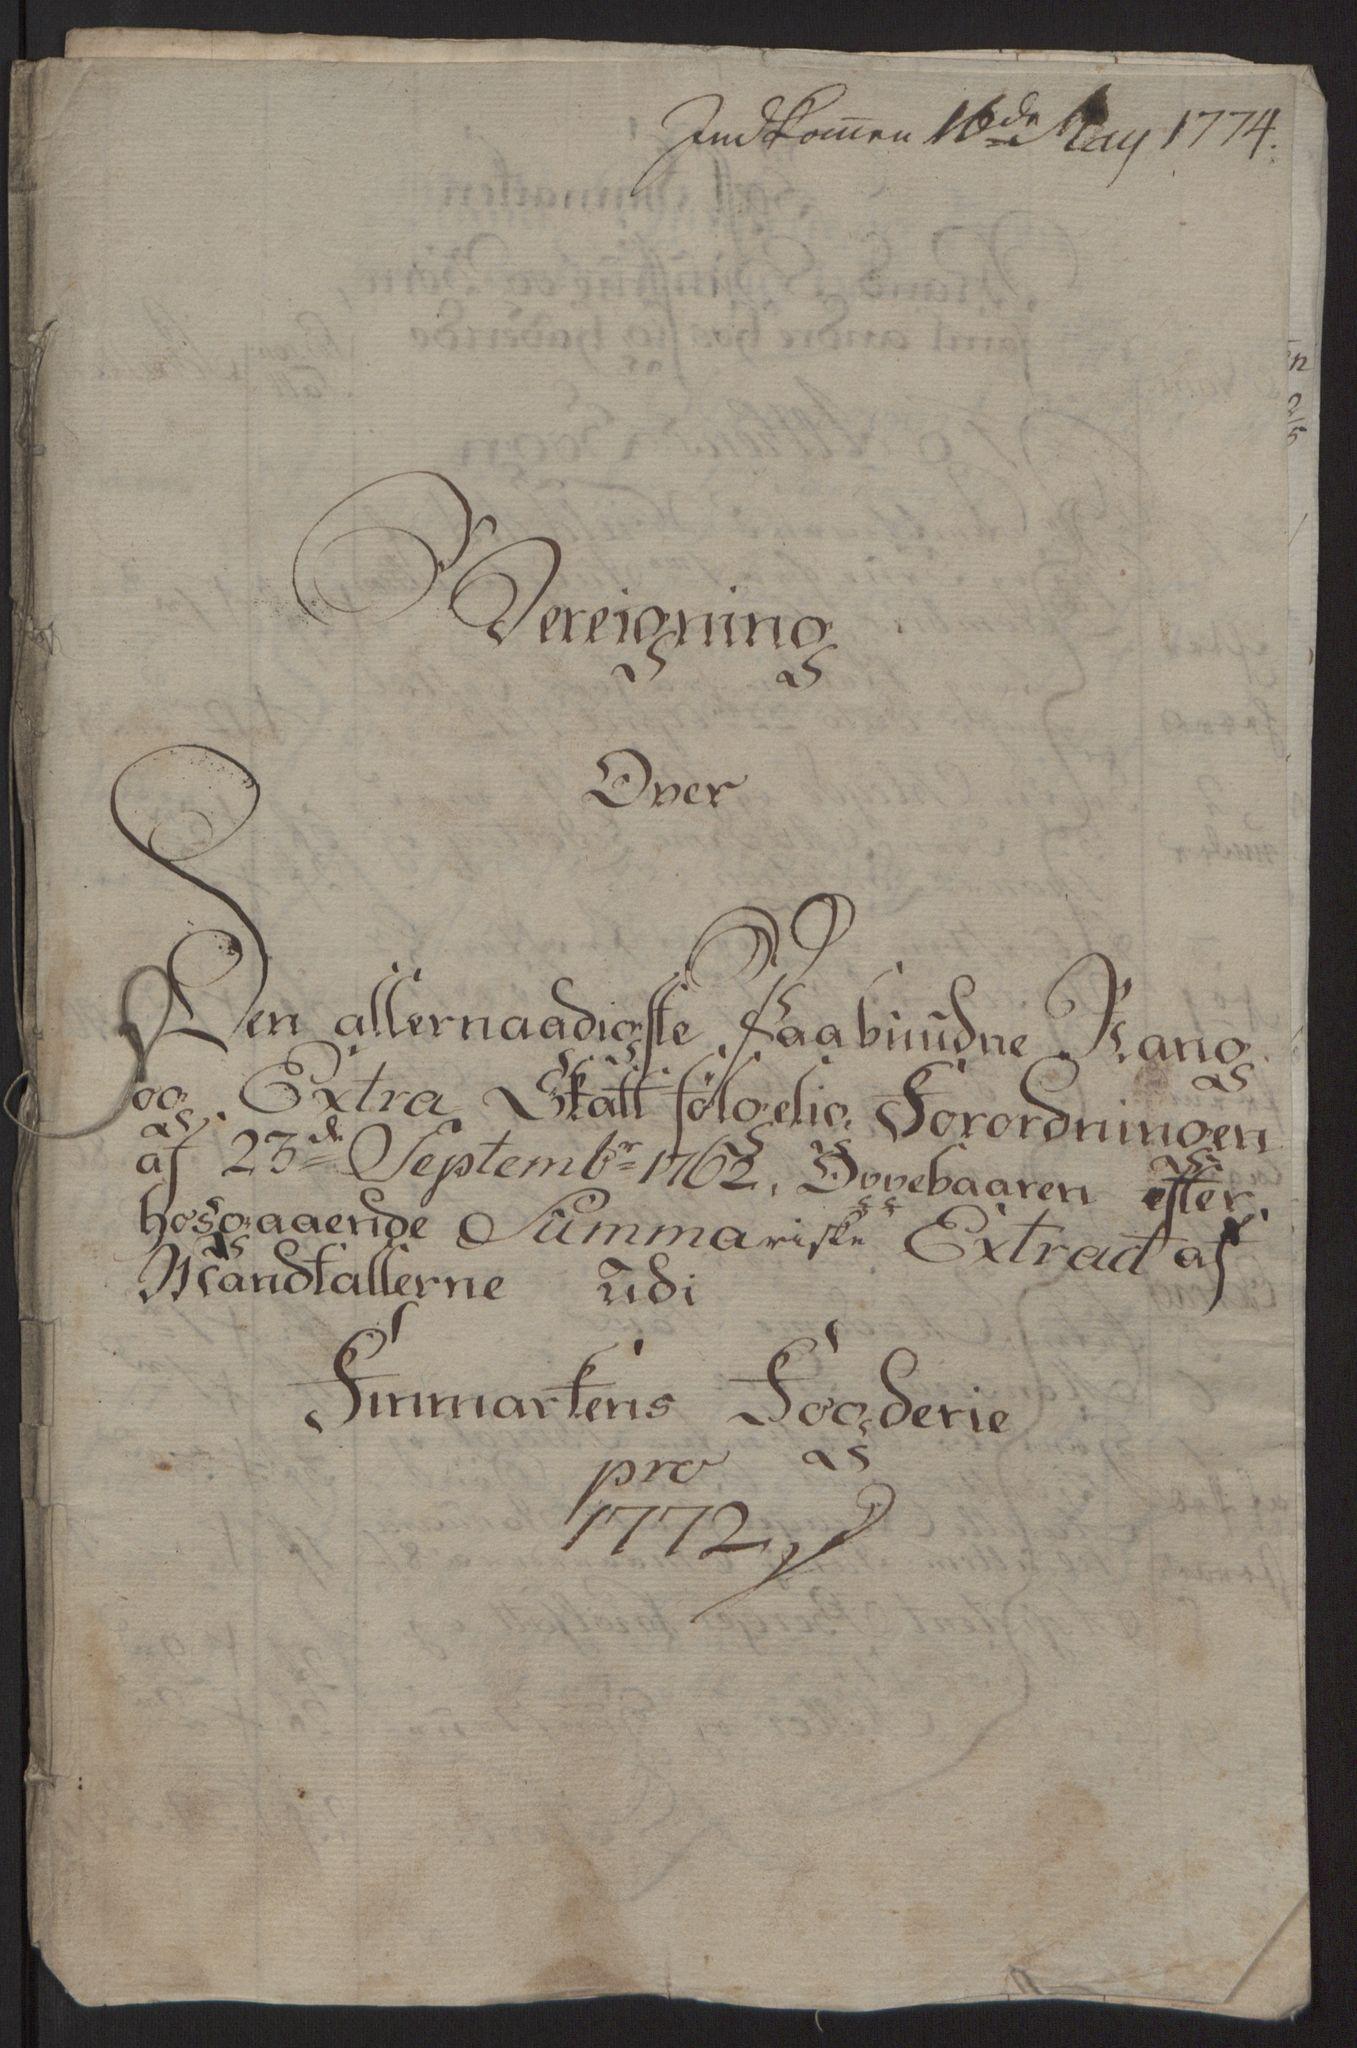 RA, Rentekammeret inntil 1814, Reviderte regnskaper, Fogderegnskap, R69/L4910: Ekstraskatten  Finnmark/Vardøhus, 1762-1772, s. 445